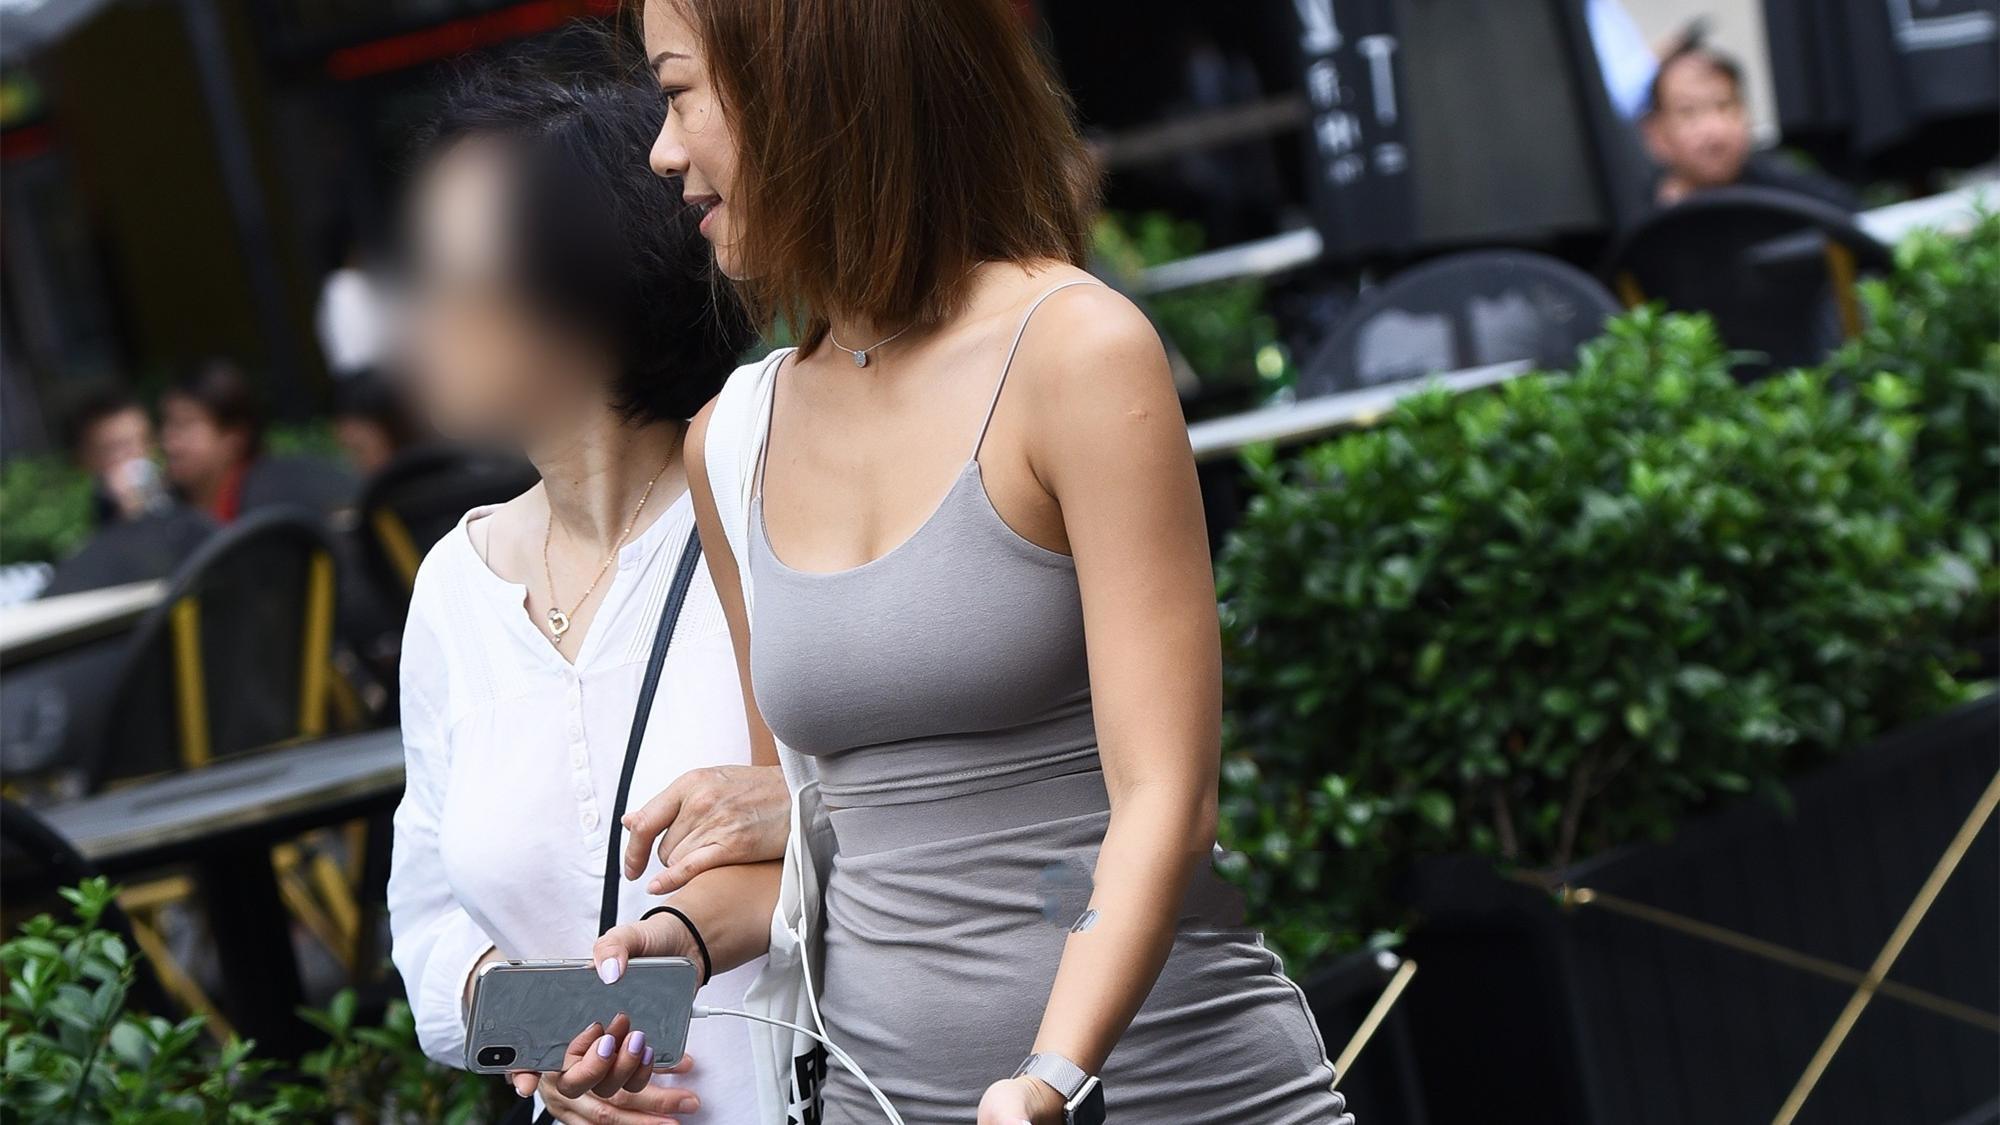 选择休闲运动风的裙子,灰色的吊带两件套裙子,时尚又低调